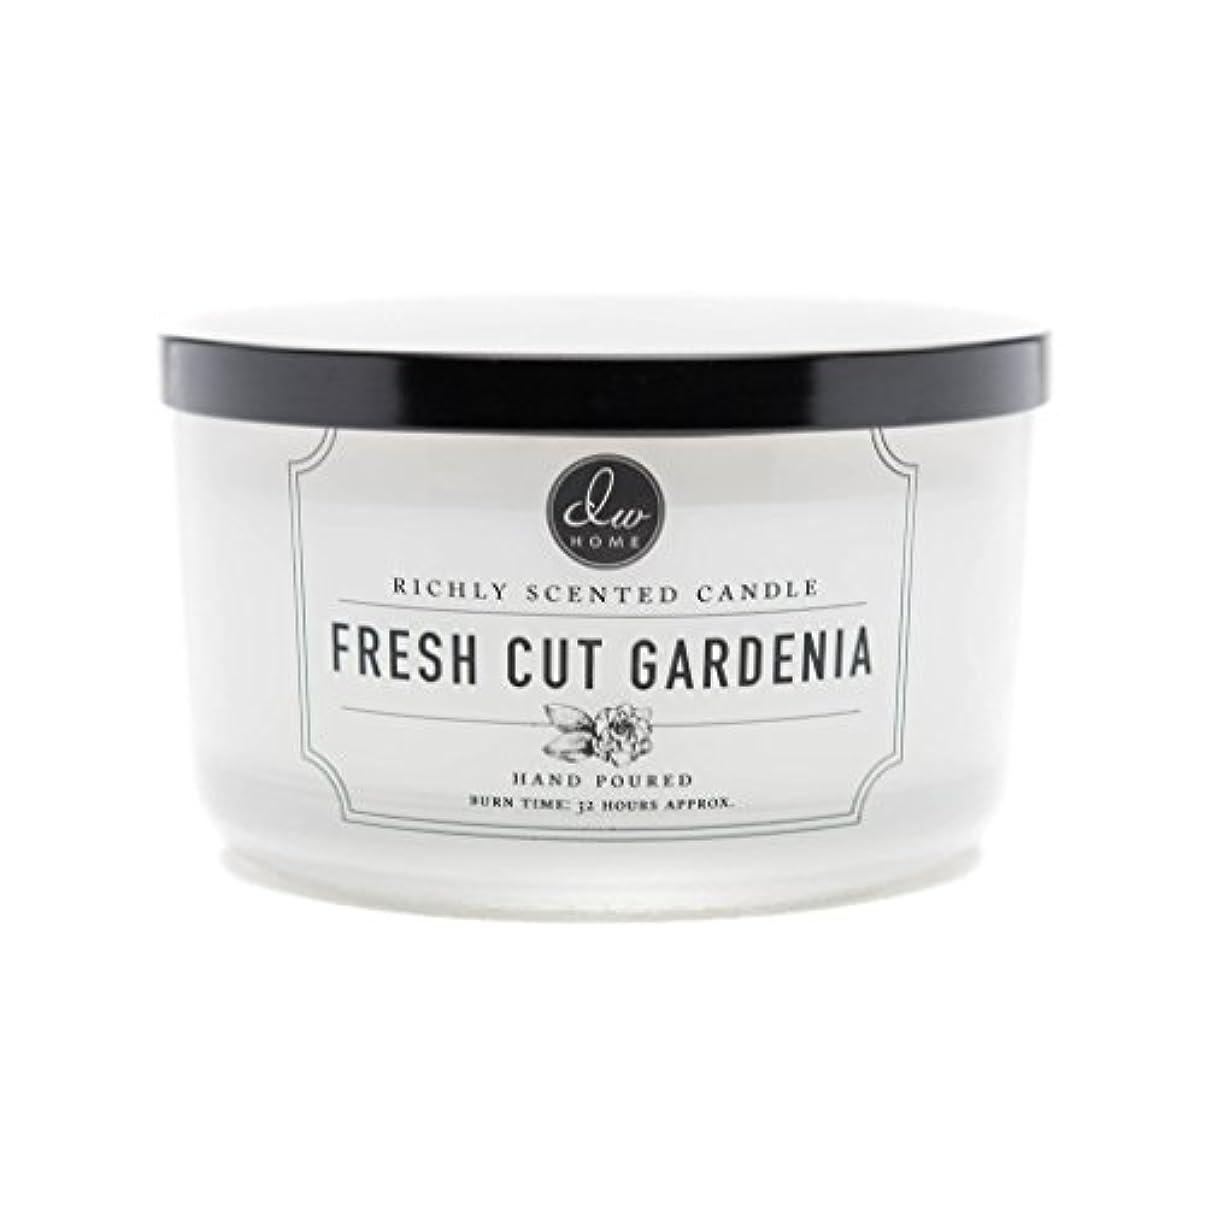 何もない兵器庫膜DW Home Fresh Cut Gardenia Scented Large 3-wick Dish Candle by DW Home Decoware